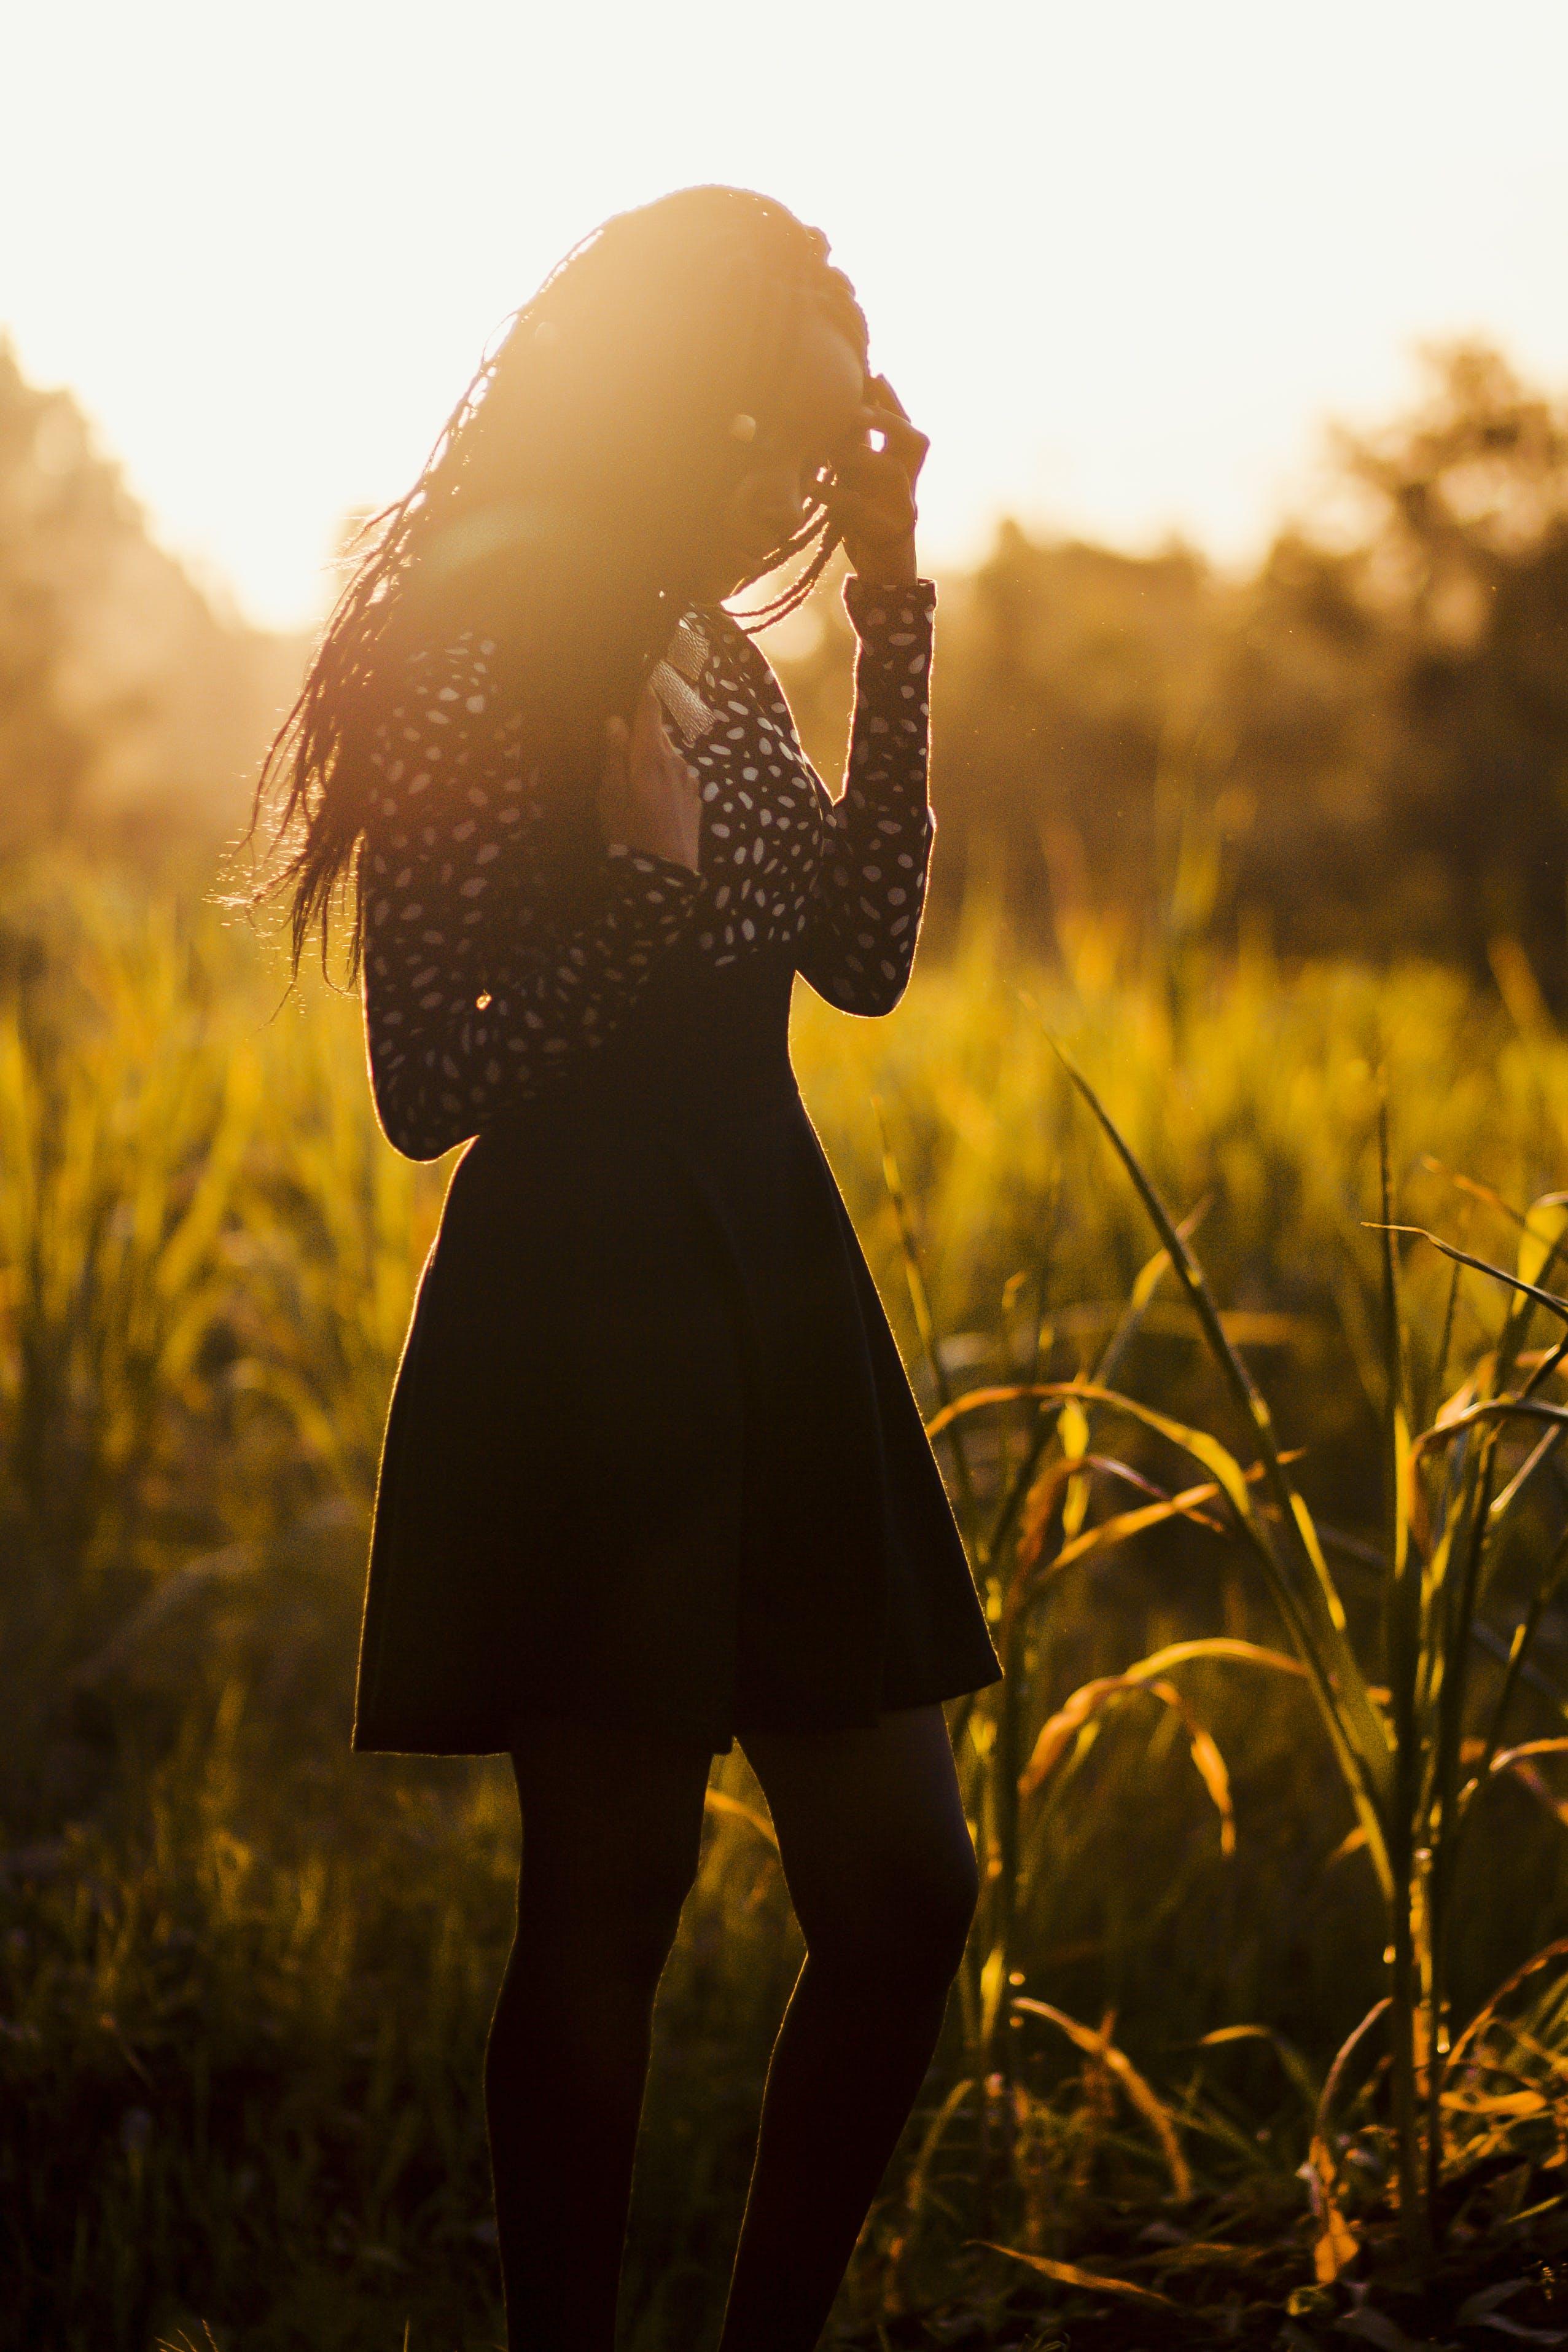 Woman Wearing Black Dress during Sunset